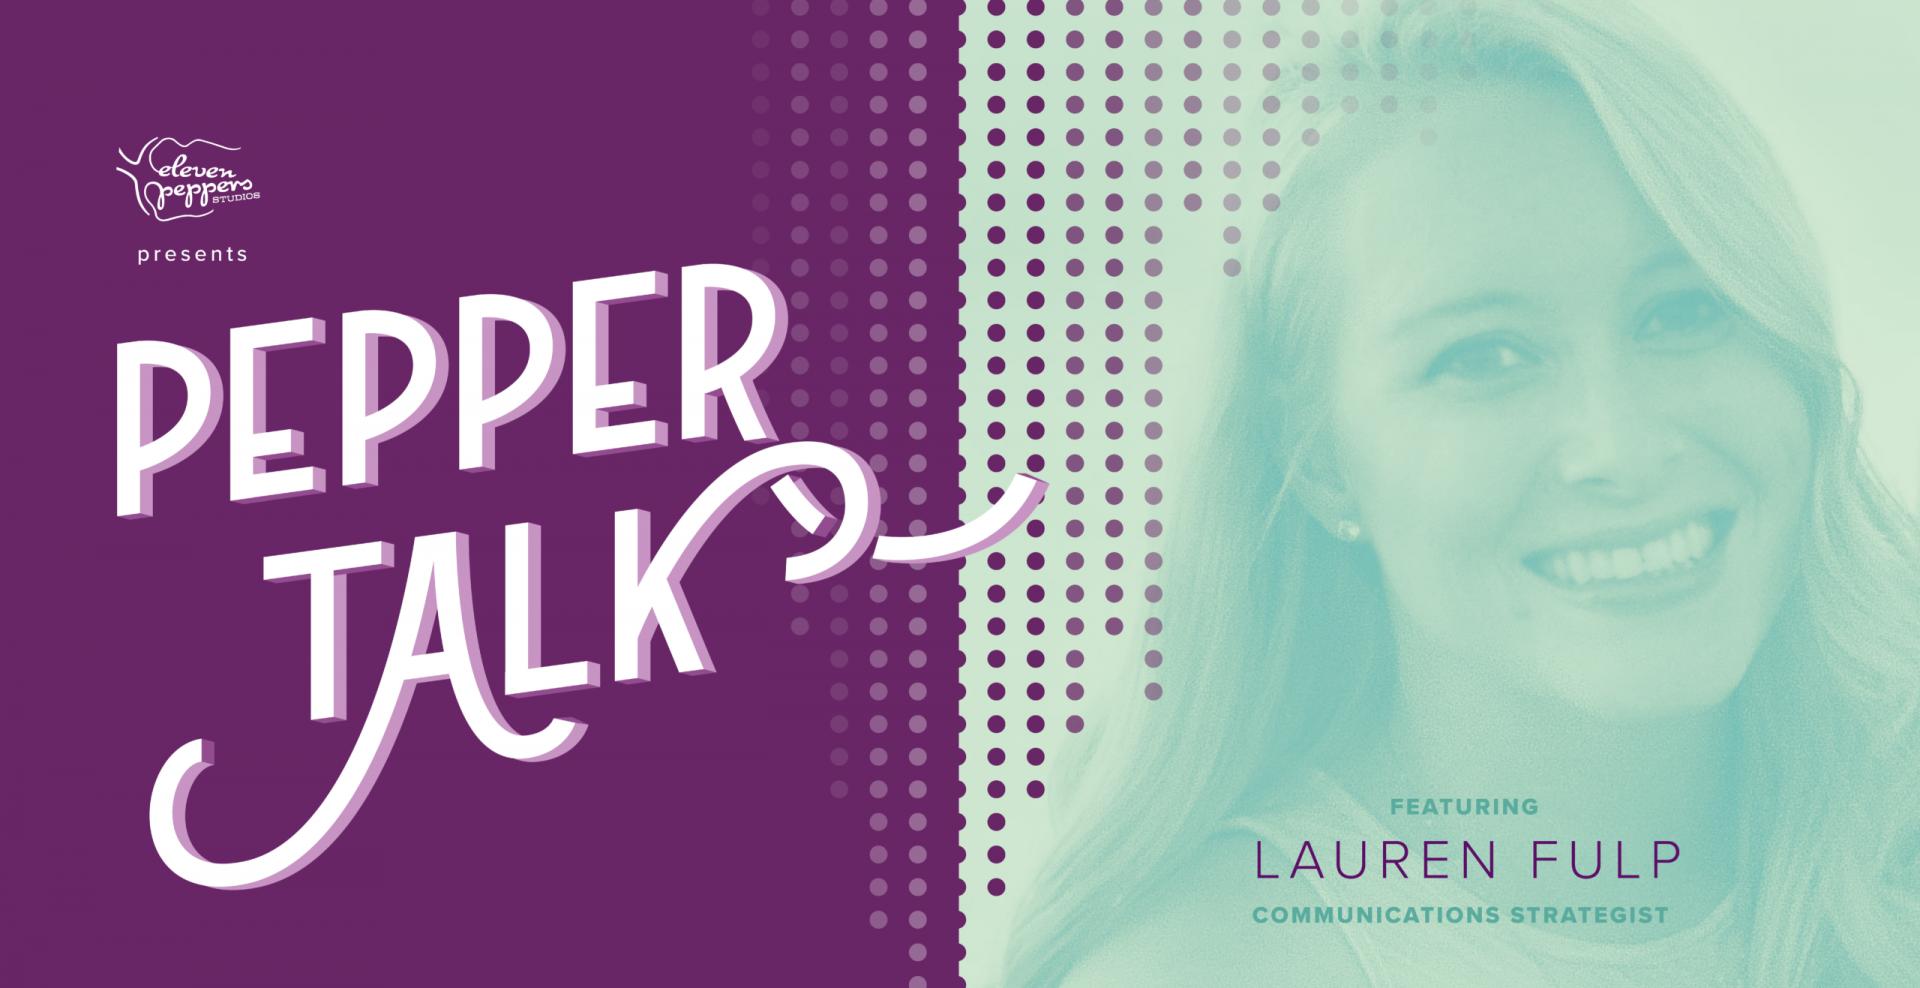 Pepper Talk with Lauren Fulp